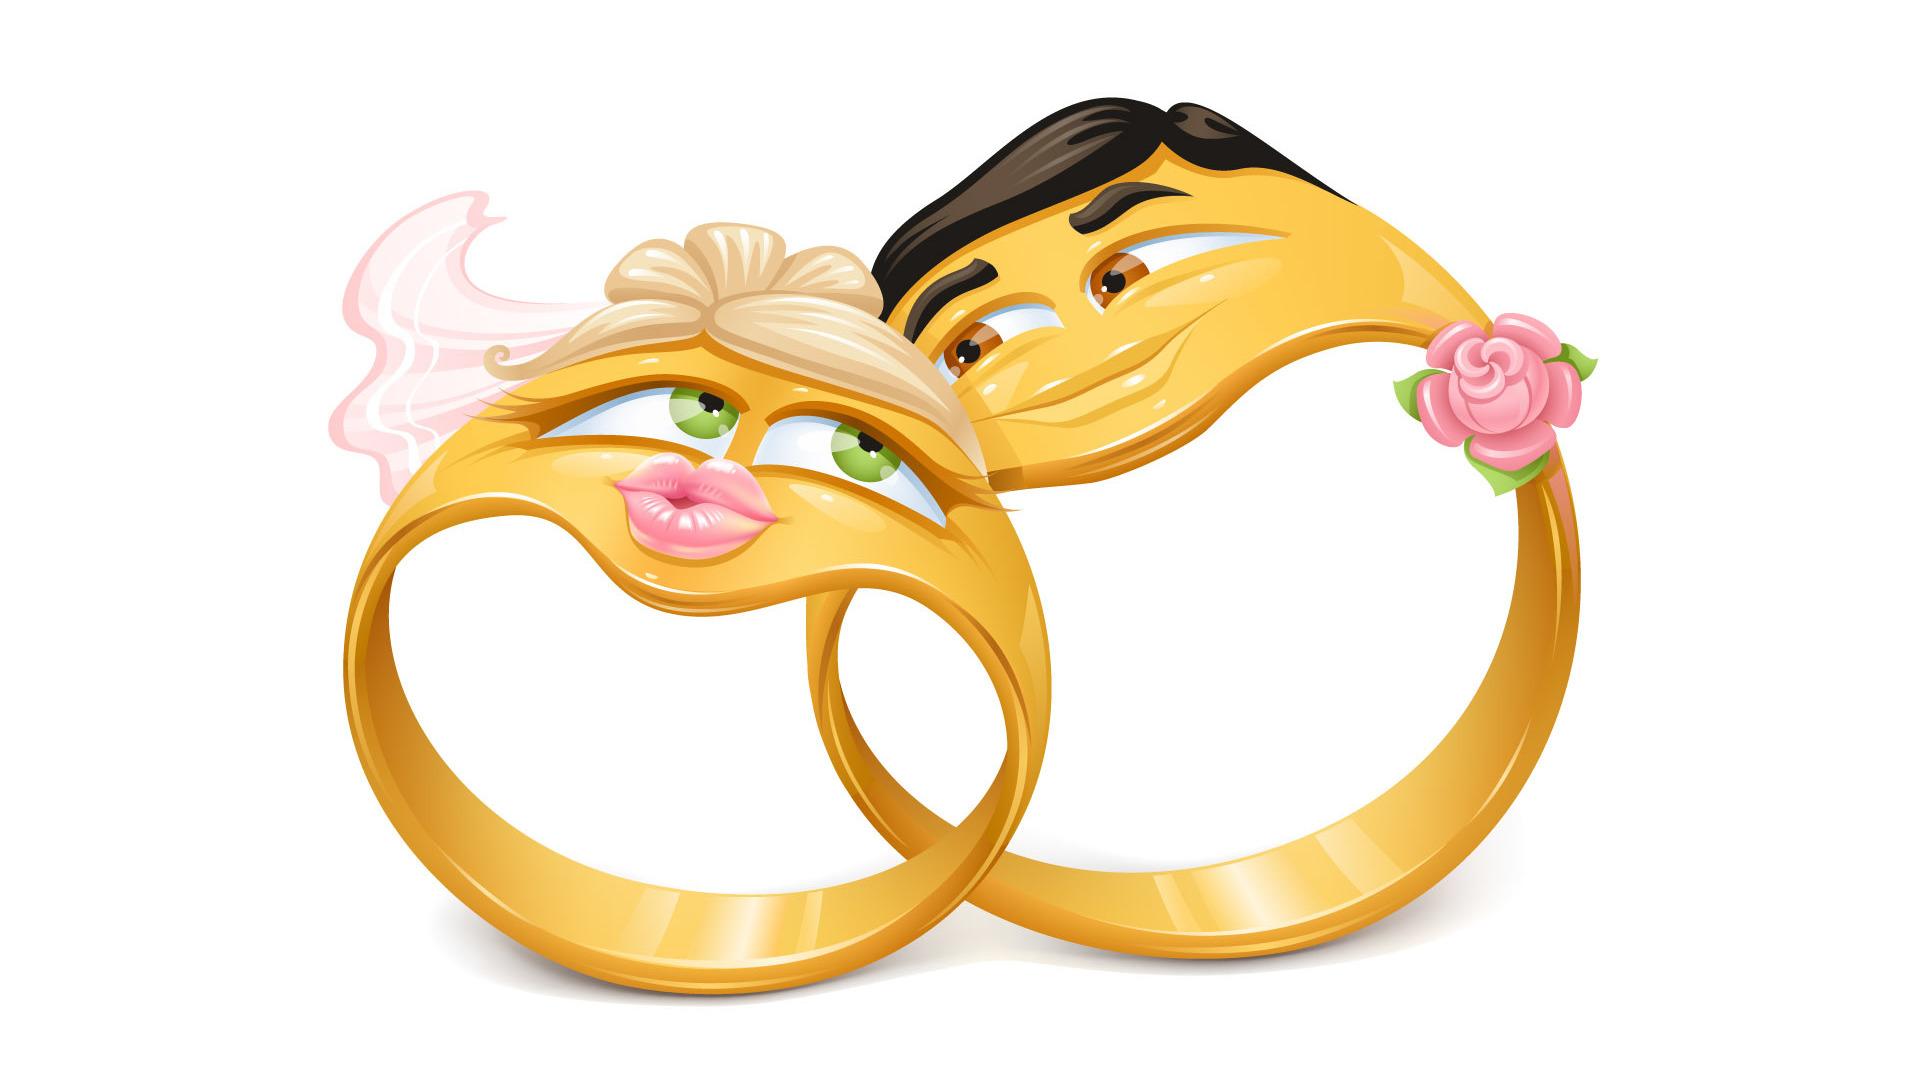 22 года свадьбы какая свадьба поздравления мужу от жены